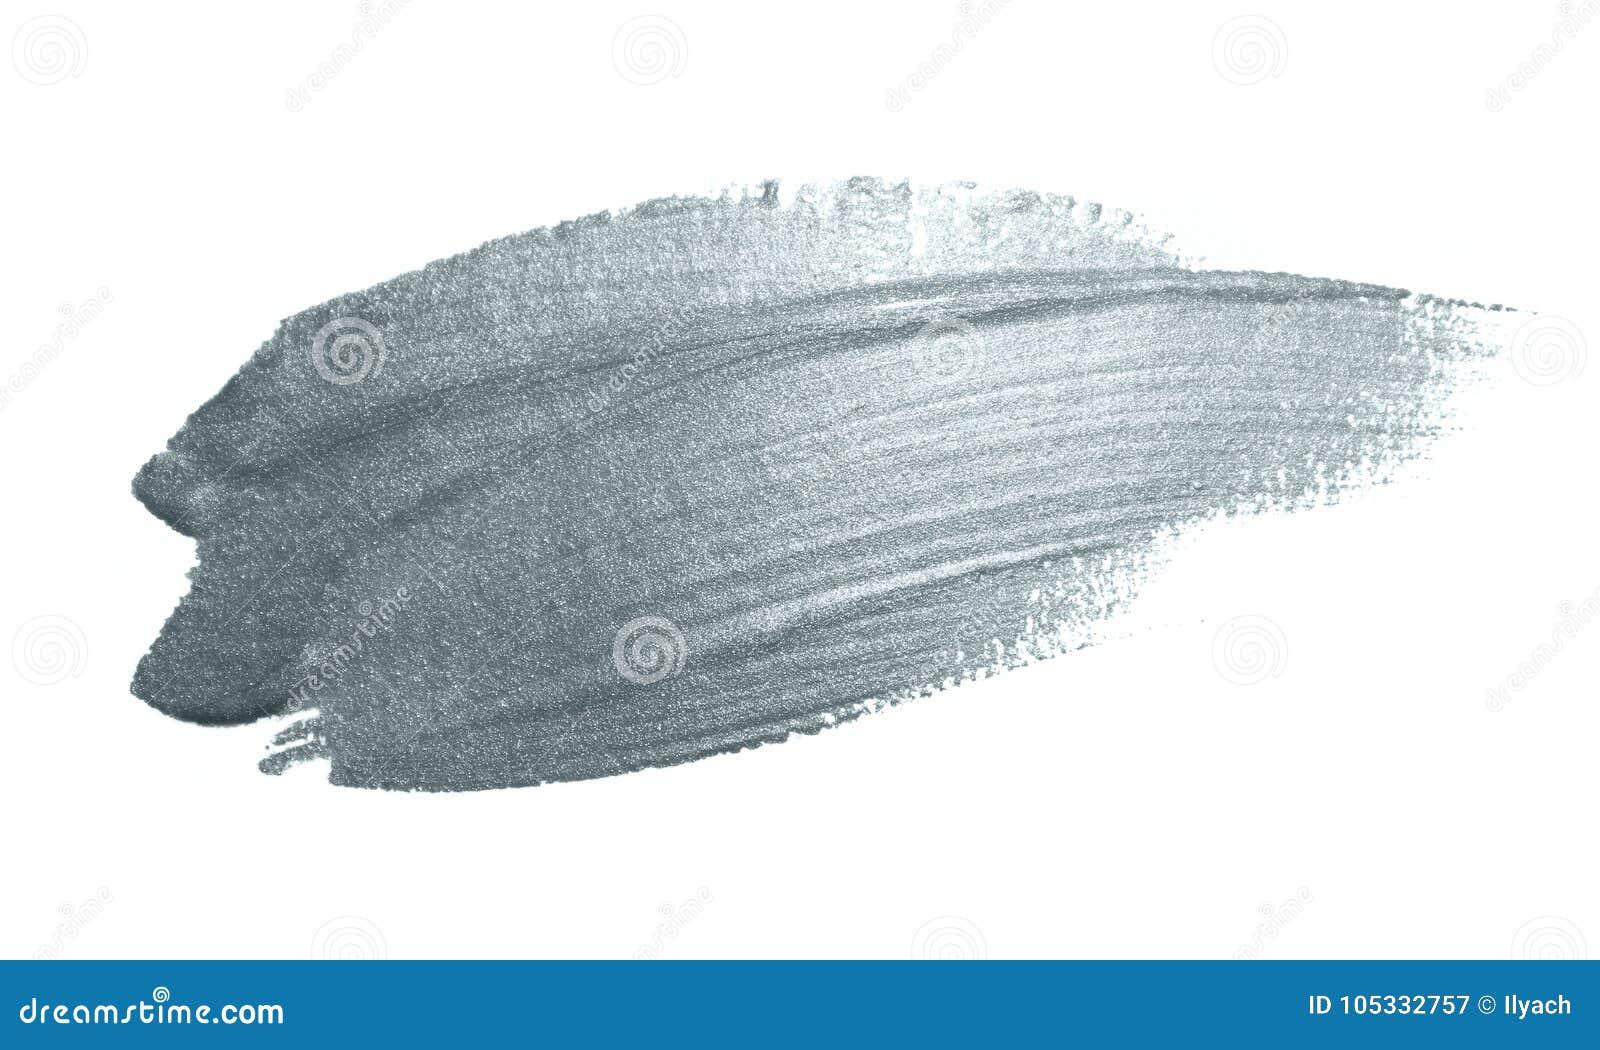 Mancha de brilho da solha da tinta do curso de prata da mancha ou do borrão da escova de pintura e do pincel abstrato com textura